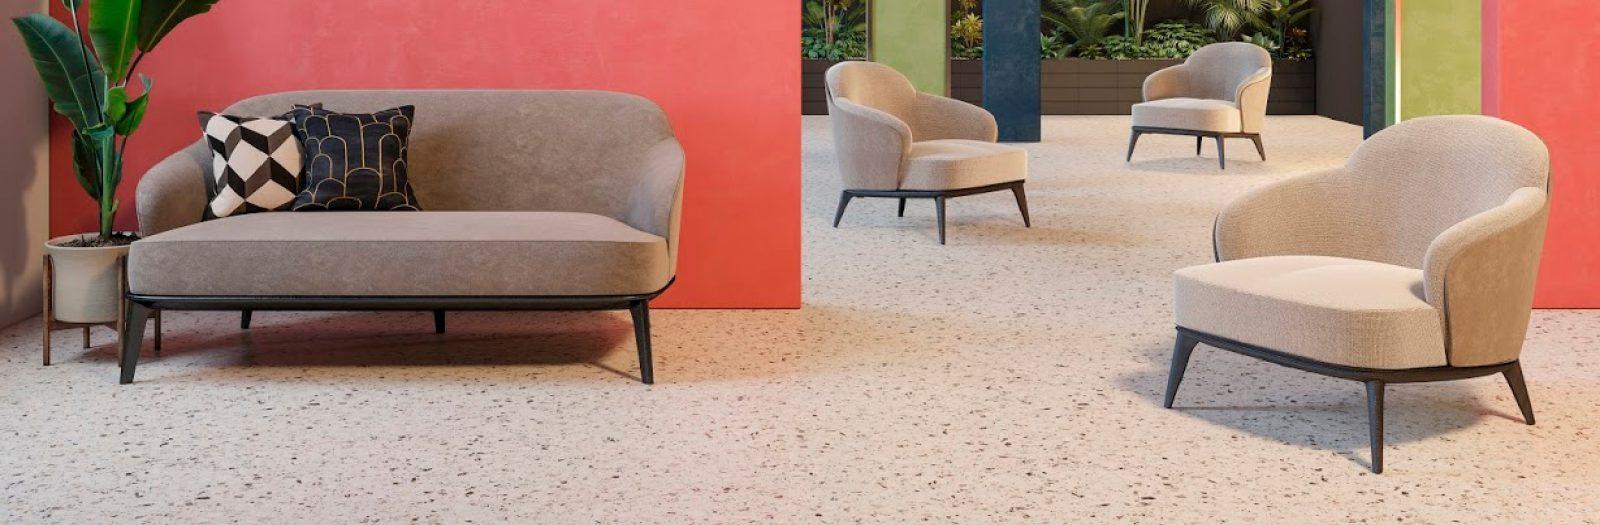 Terrazzo  of Granito vloer aanleggen